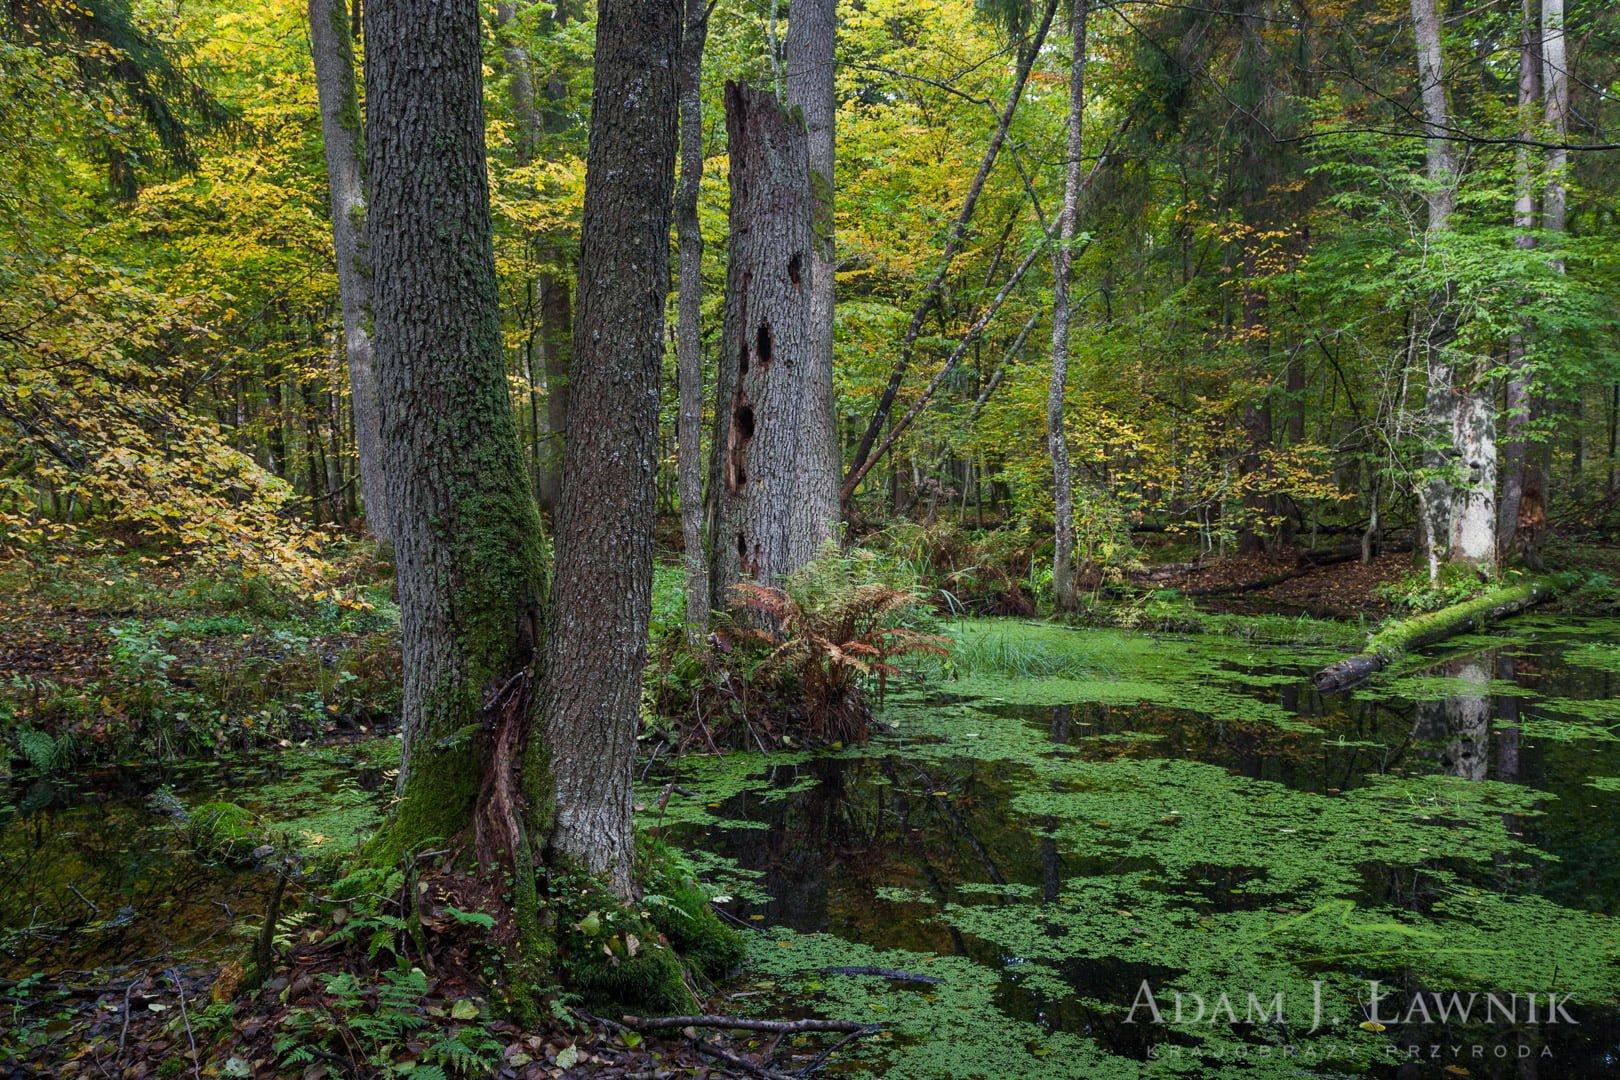 Jesienny las w Białowieskim Parku Narodowym